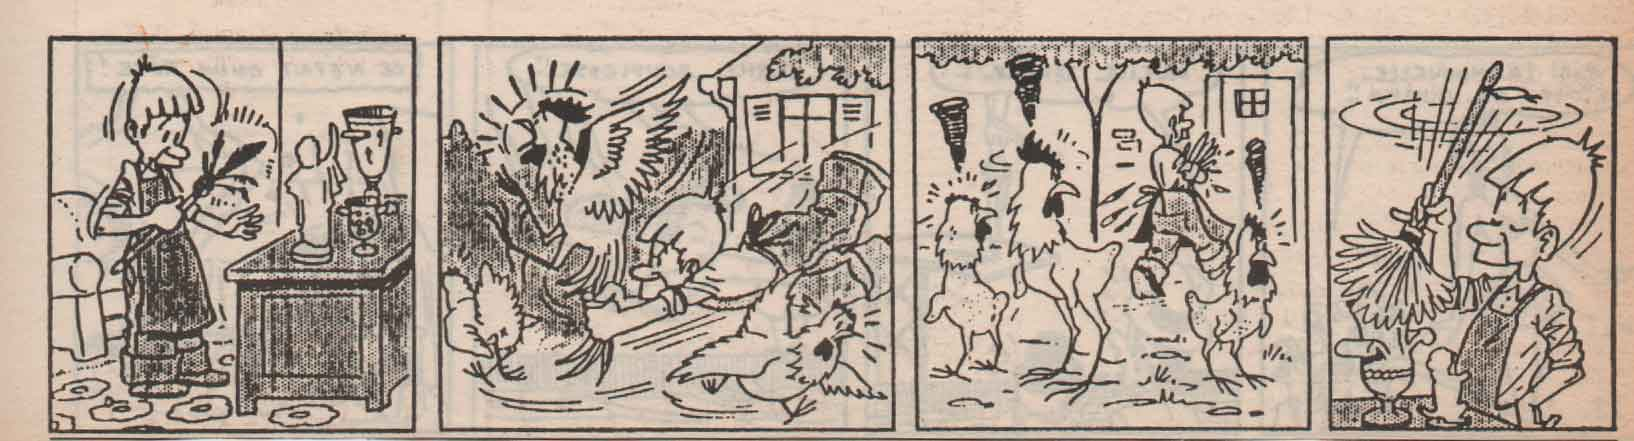 « Ah ! Placid » L'Est républicain (1960).